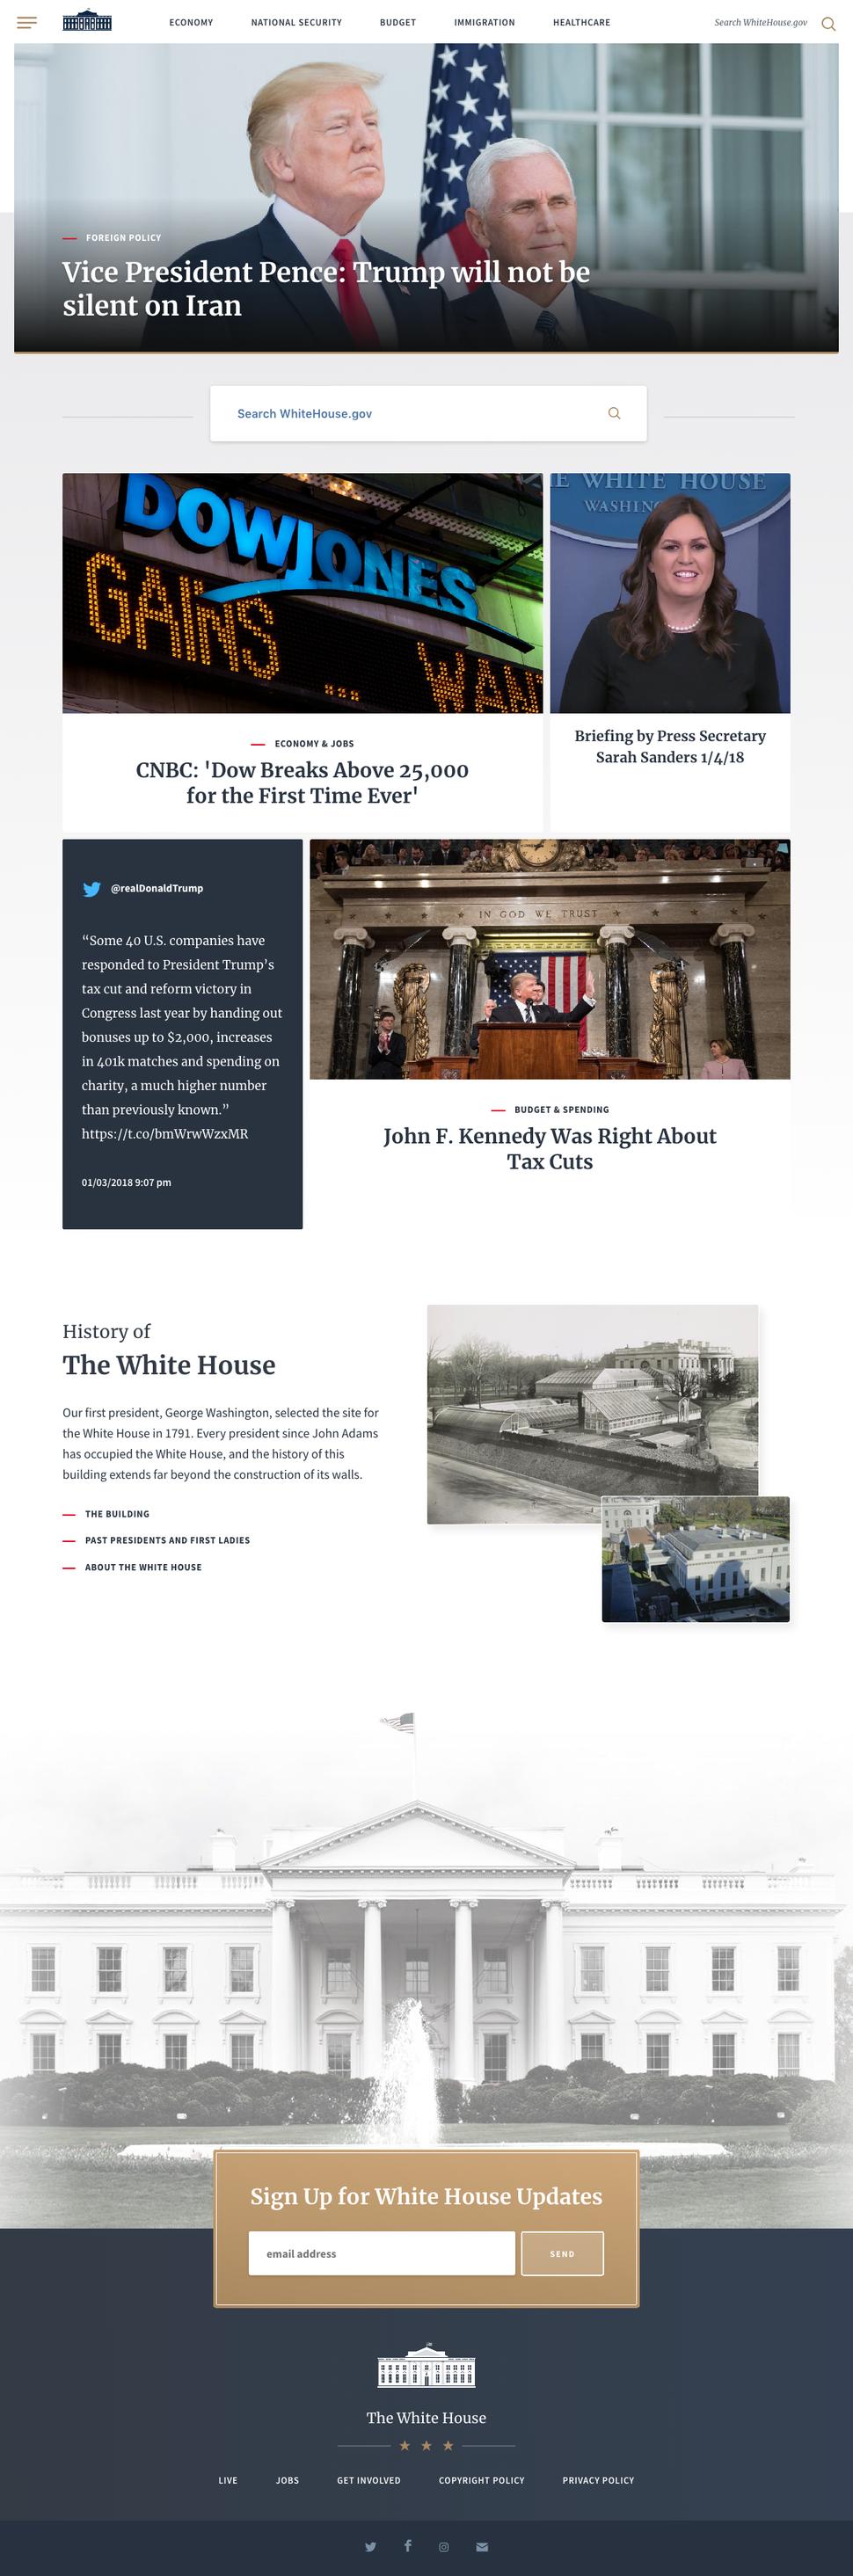 Whitehouse.gov January 2018